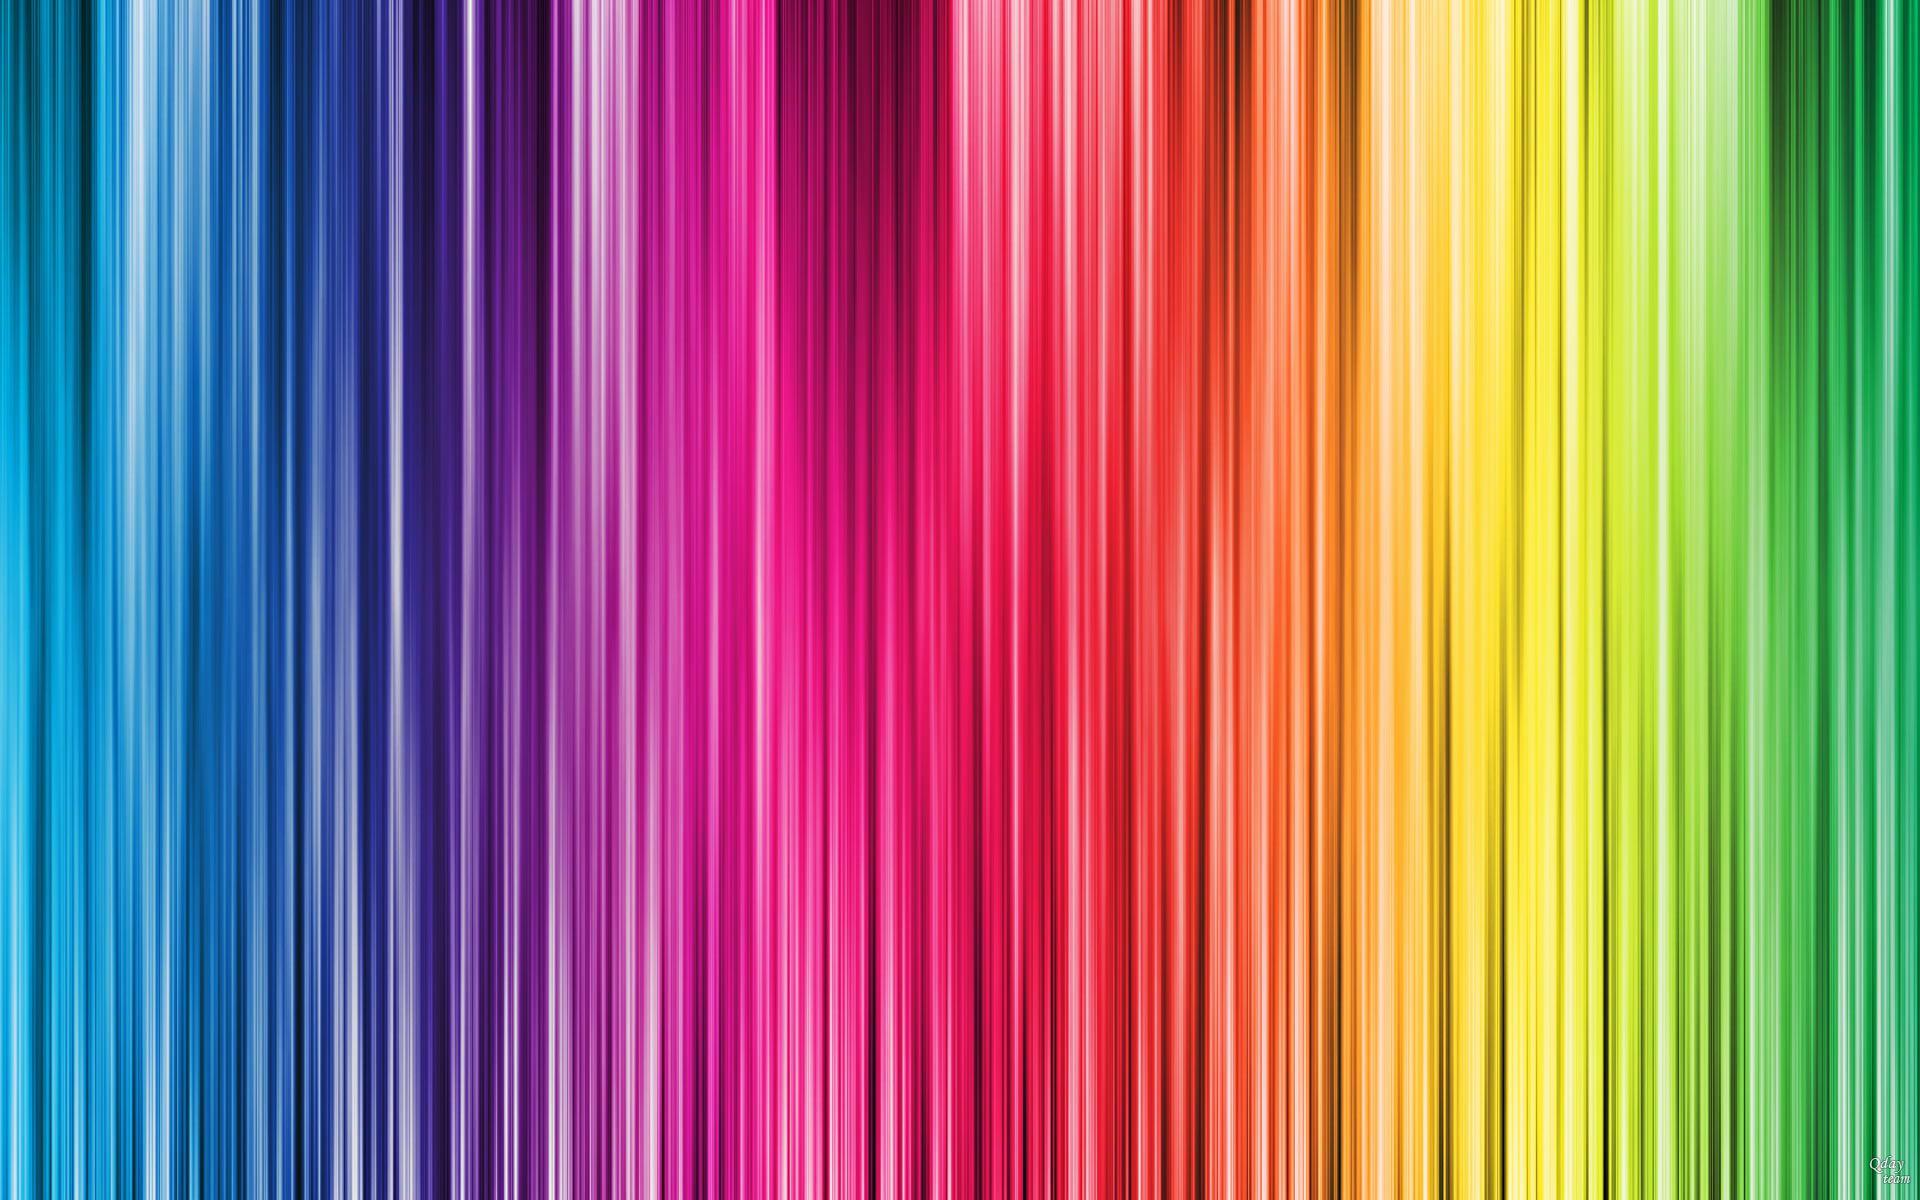 Lista de todos los colores populares - Colores de encimeras de silestone ...